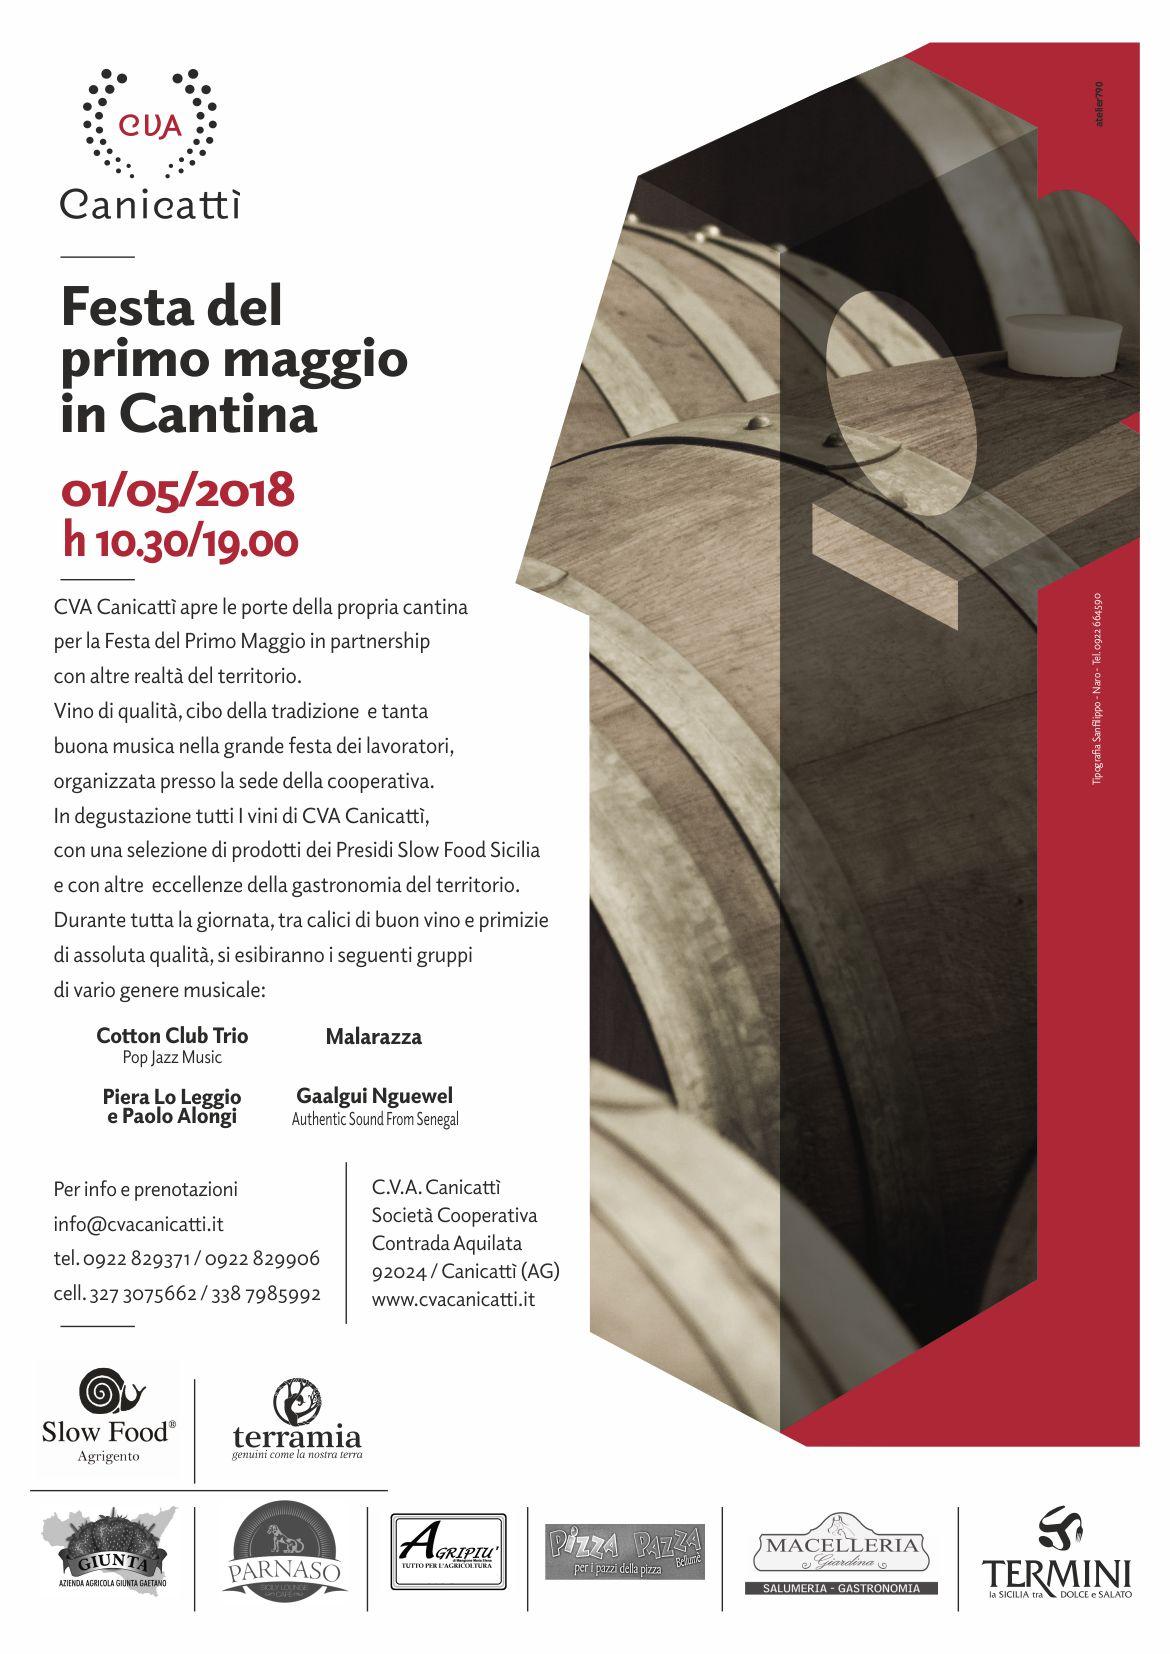 Festa del Primo Maggio in Cantina - CVA Canicattì - Vini Siciliani